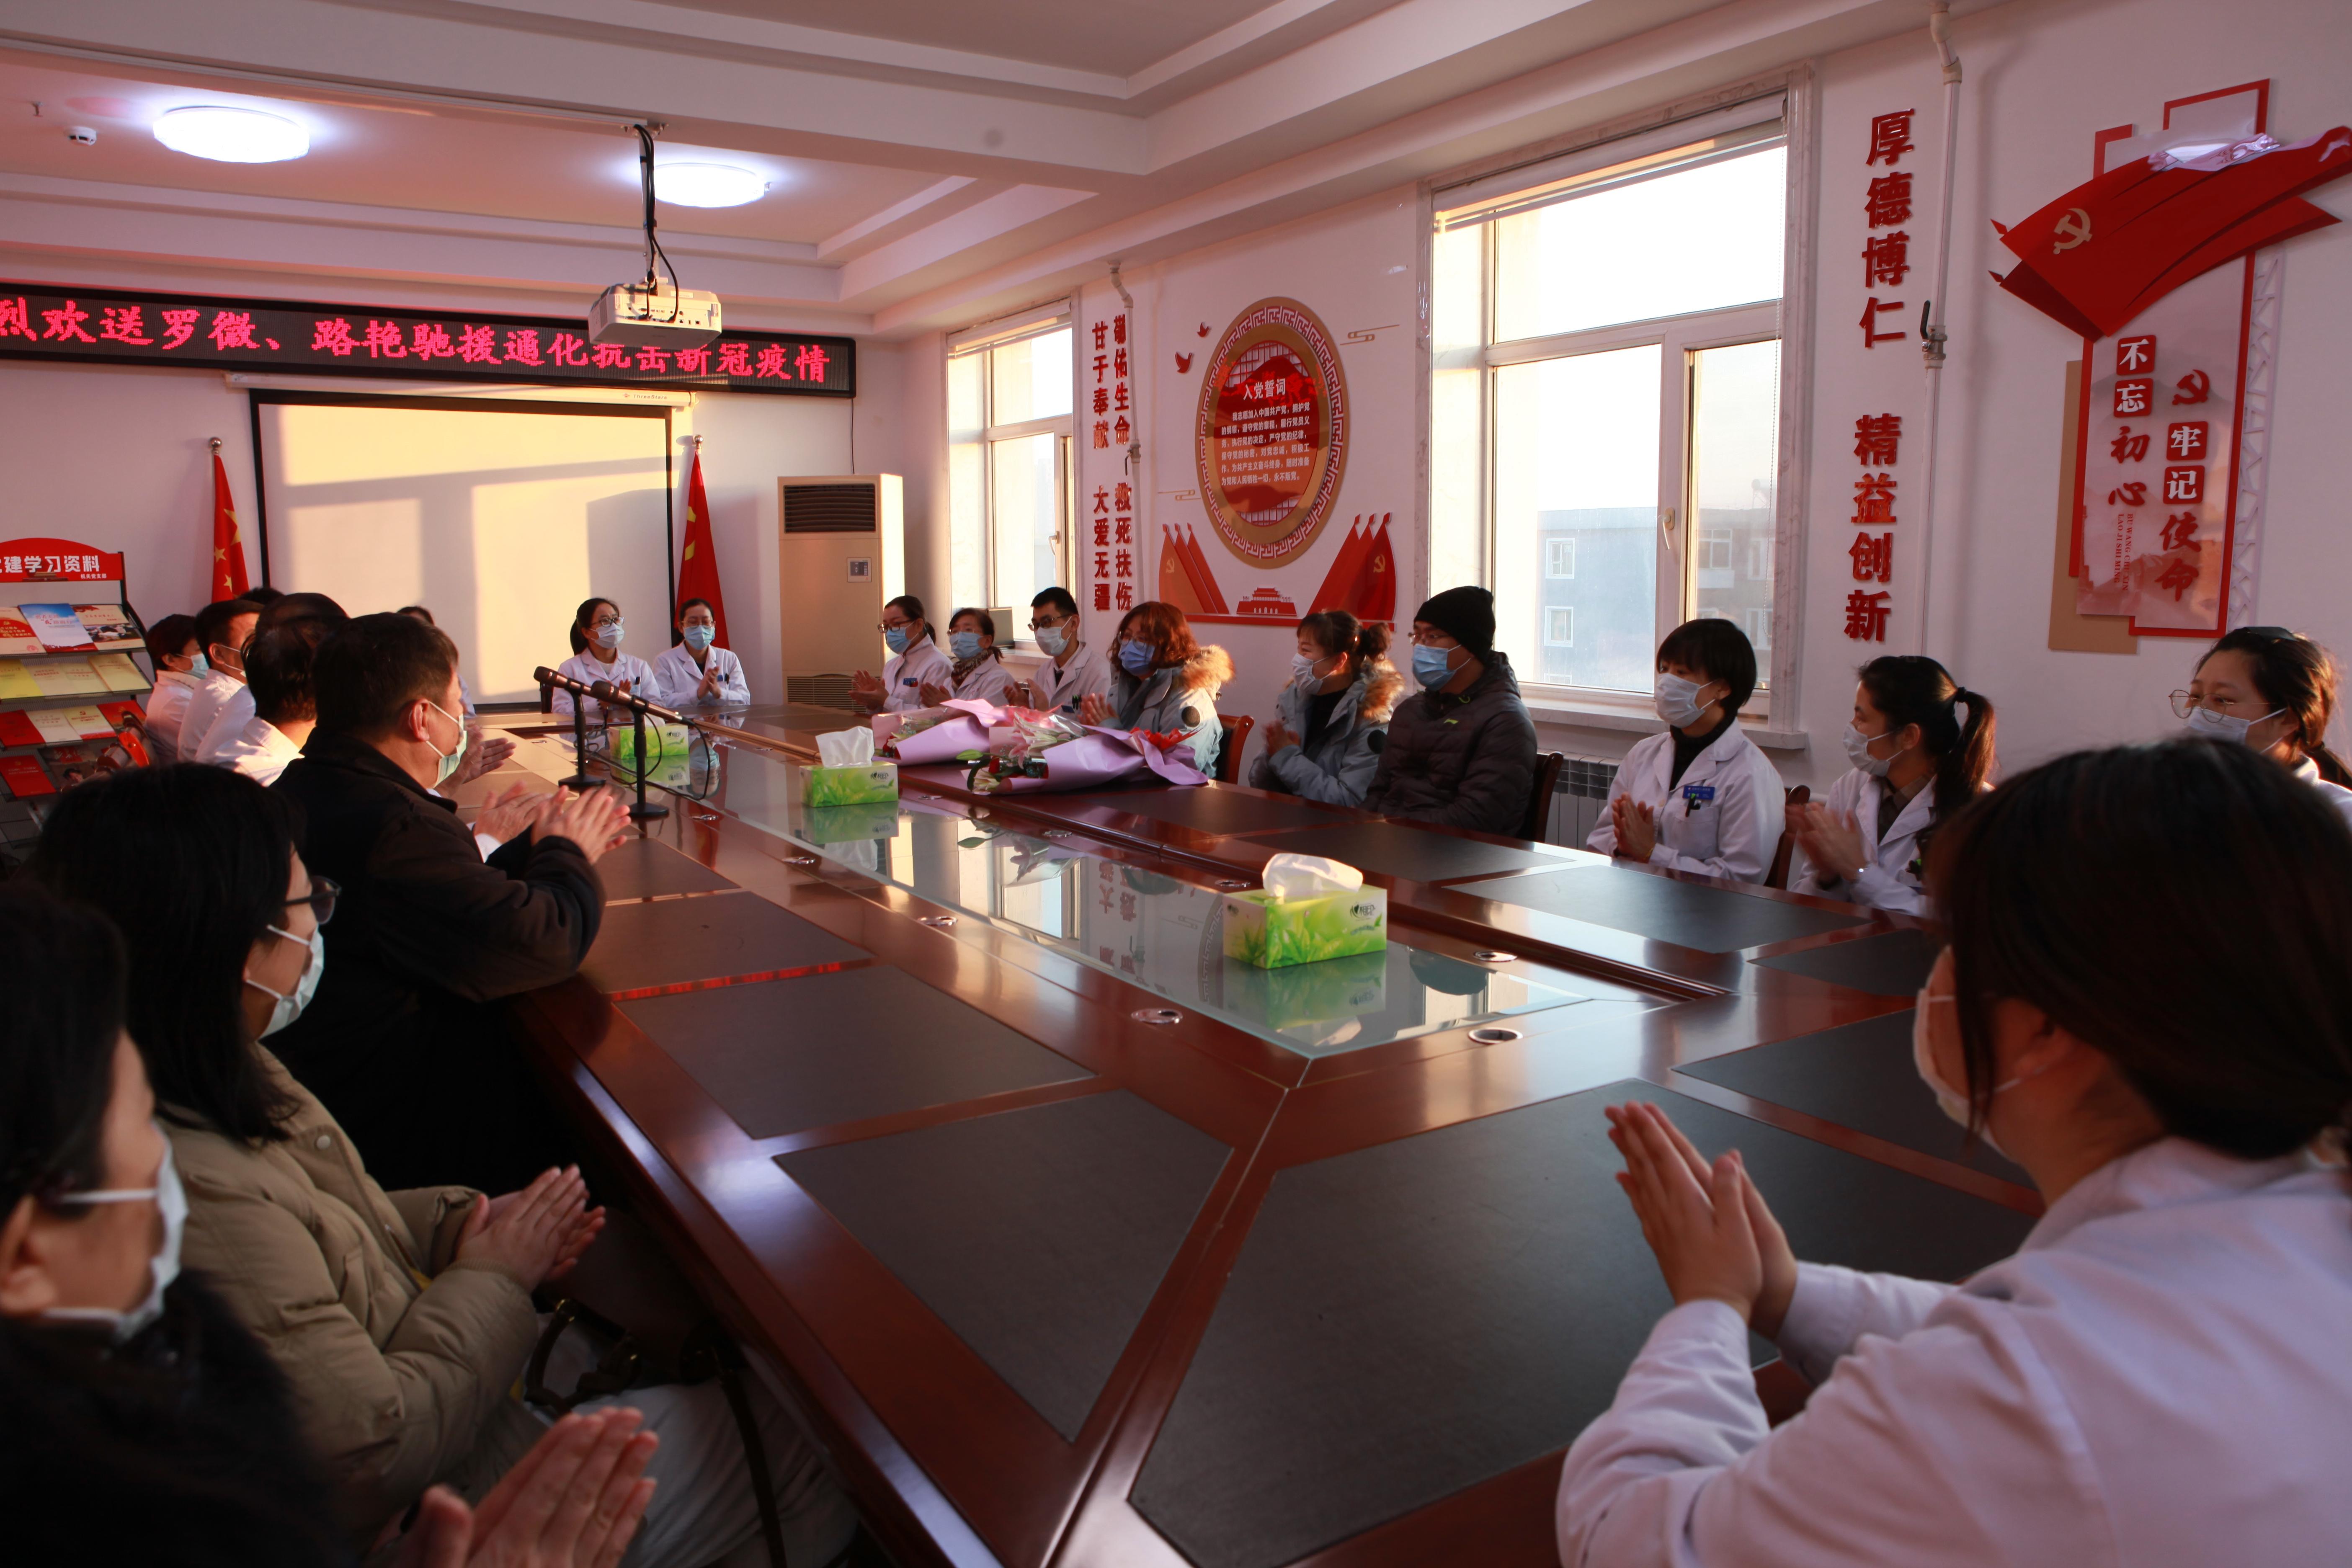 抗疫在行动:吉林市人民医院第二批驰援通化医疗组今日出发